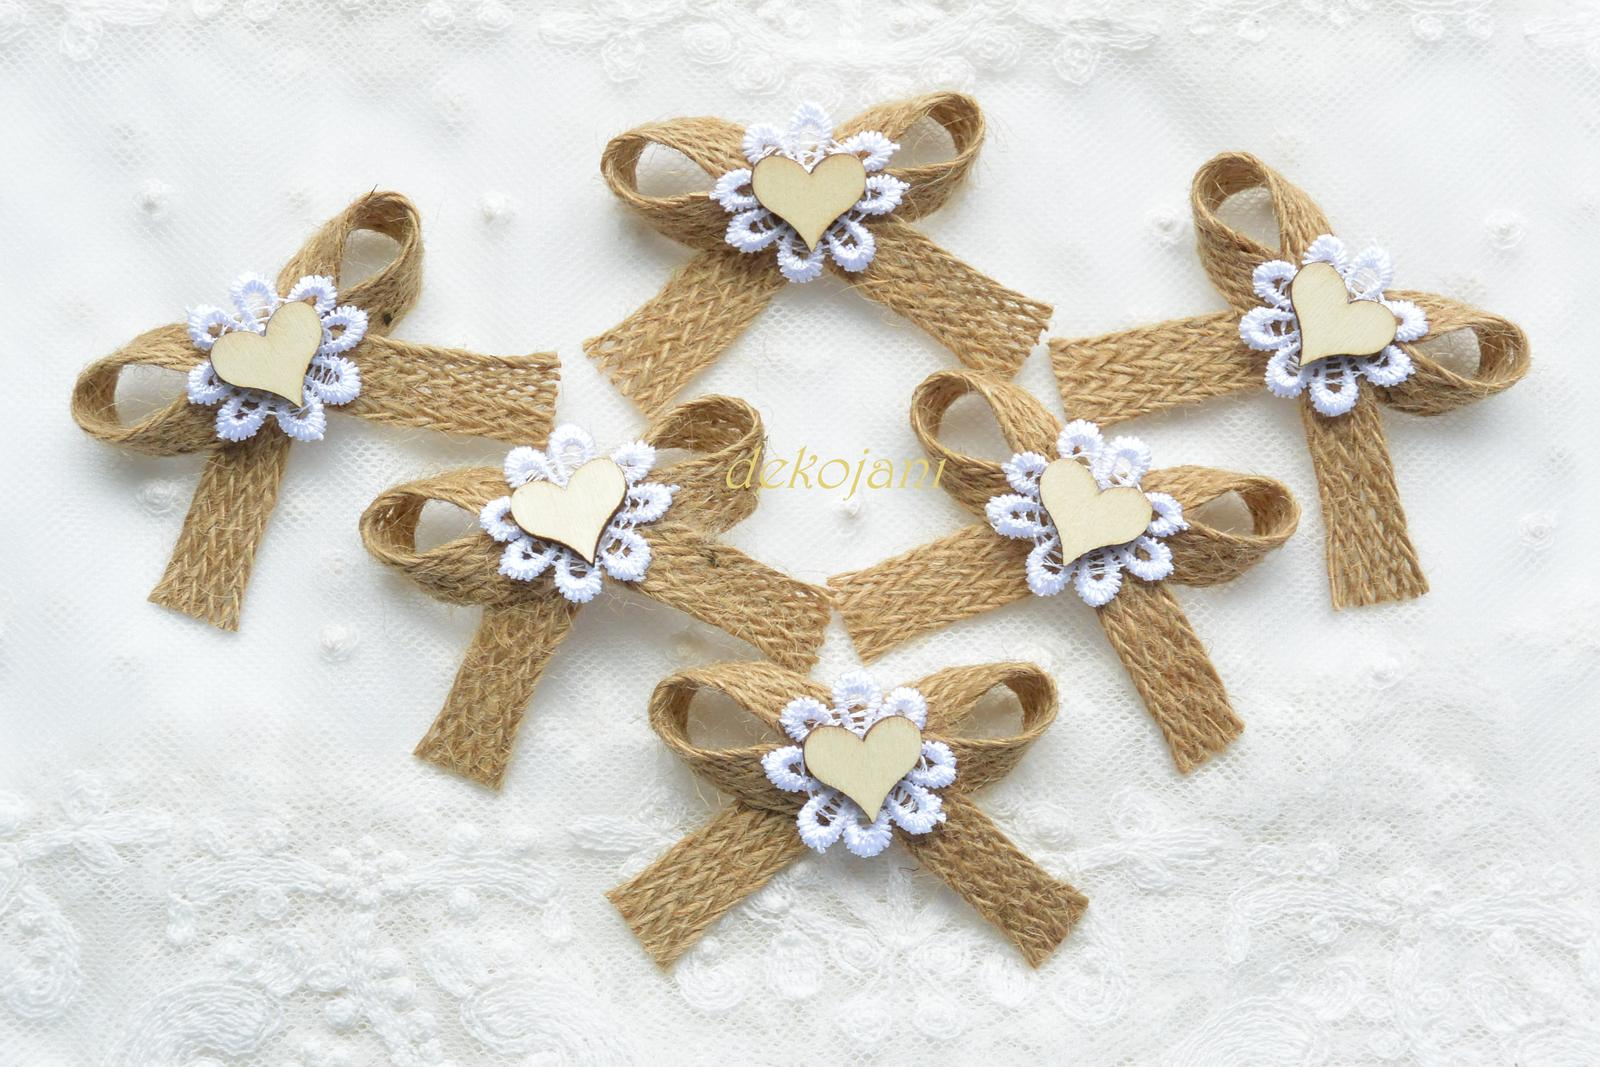 Luxusní svatební doplňky a dekorace. - Obrázek č. 66